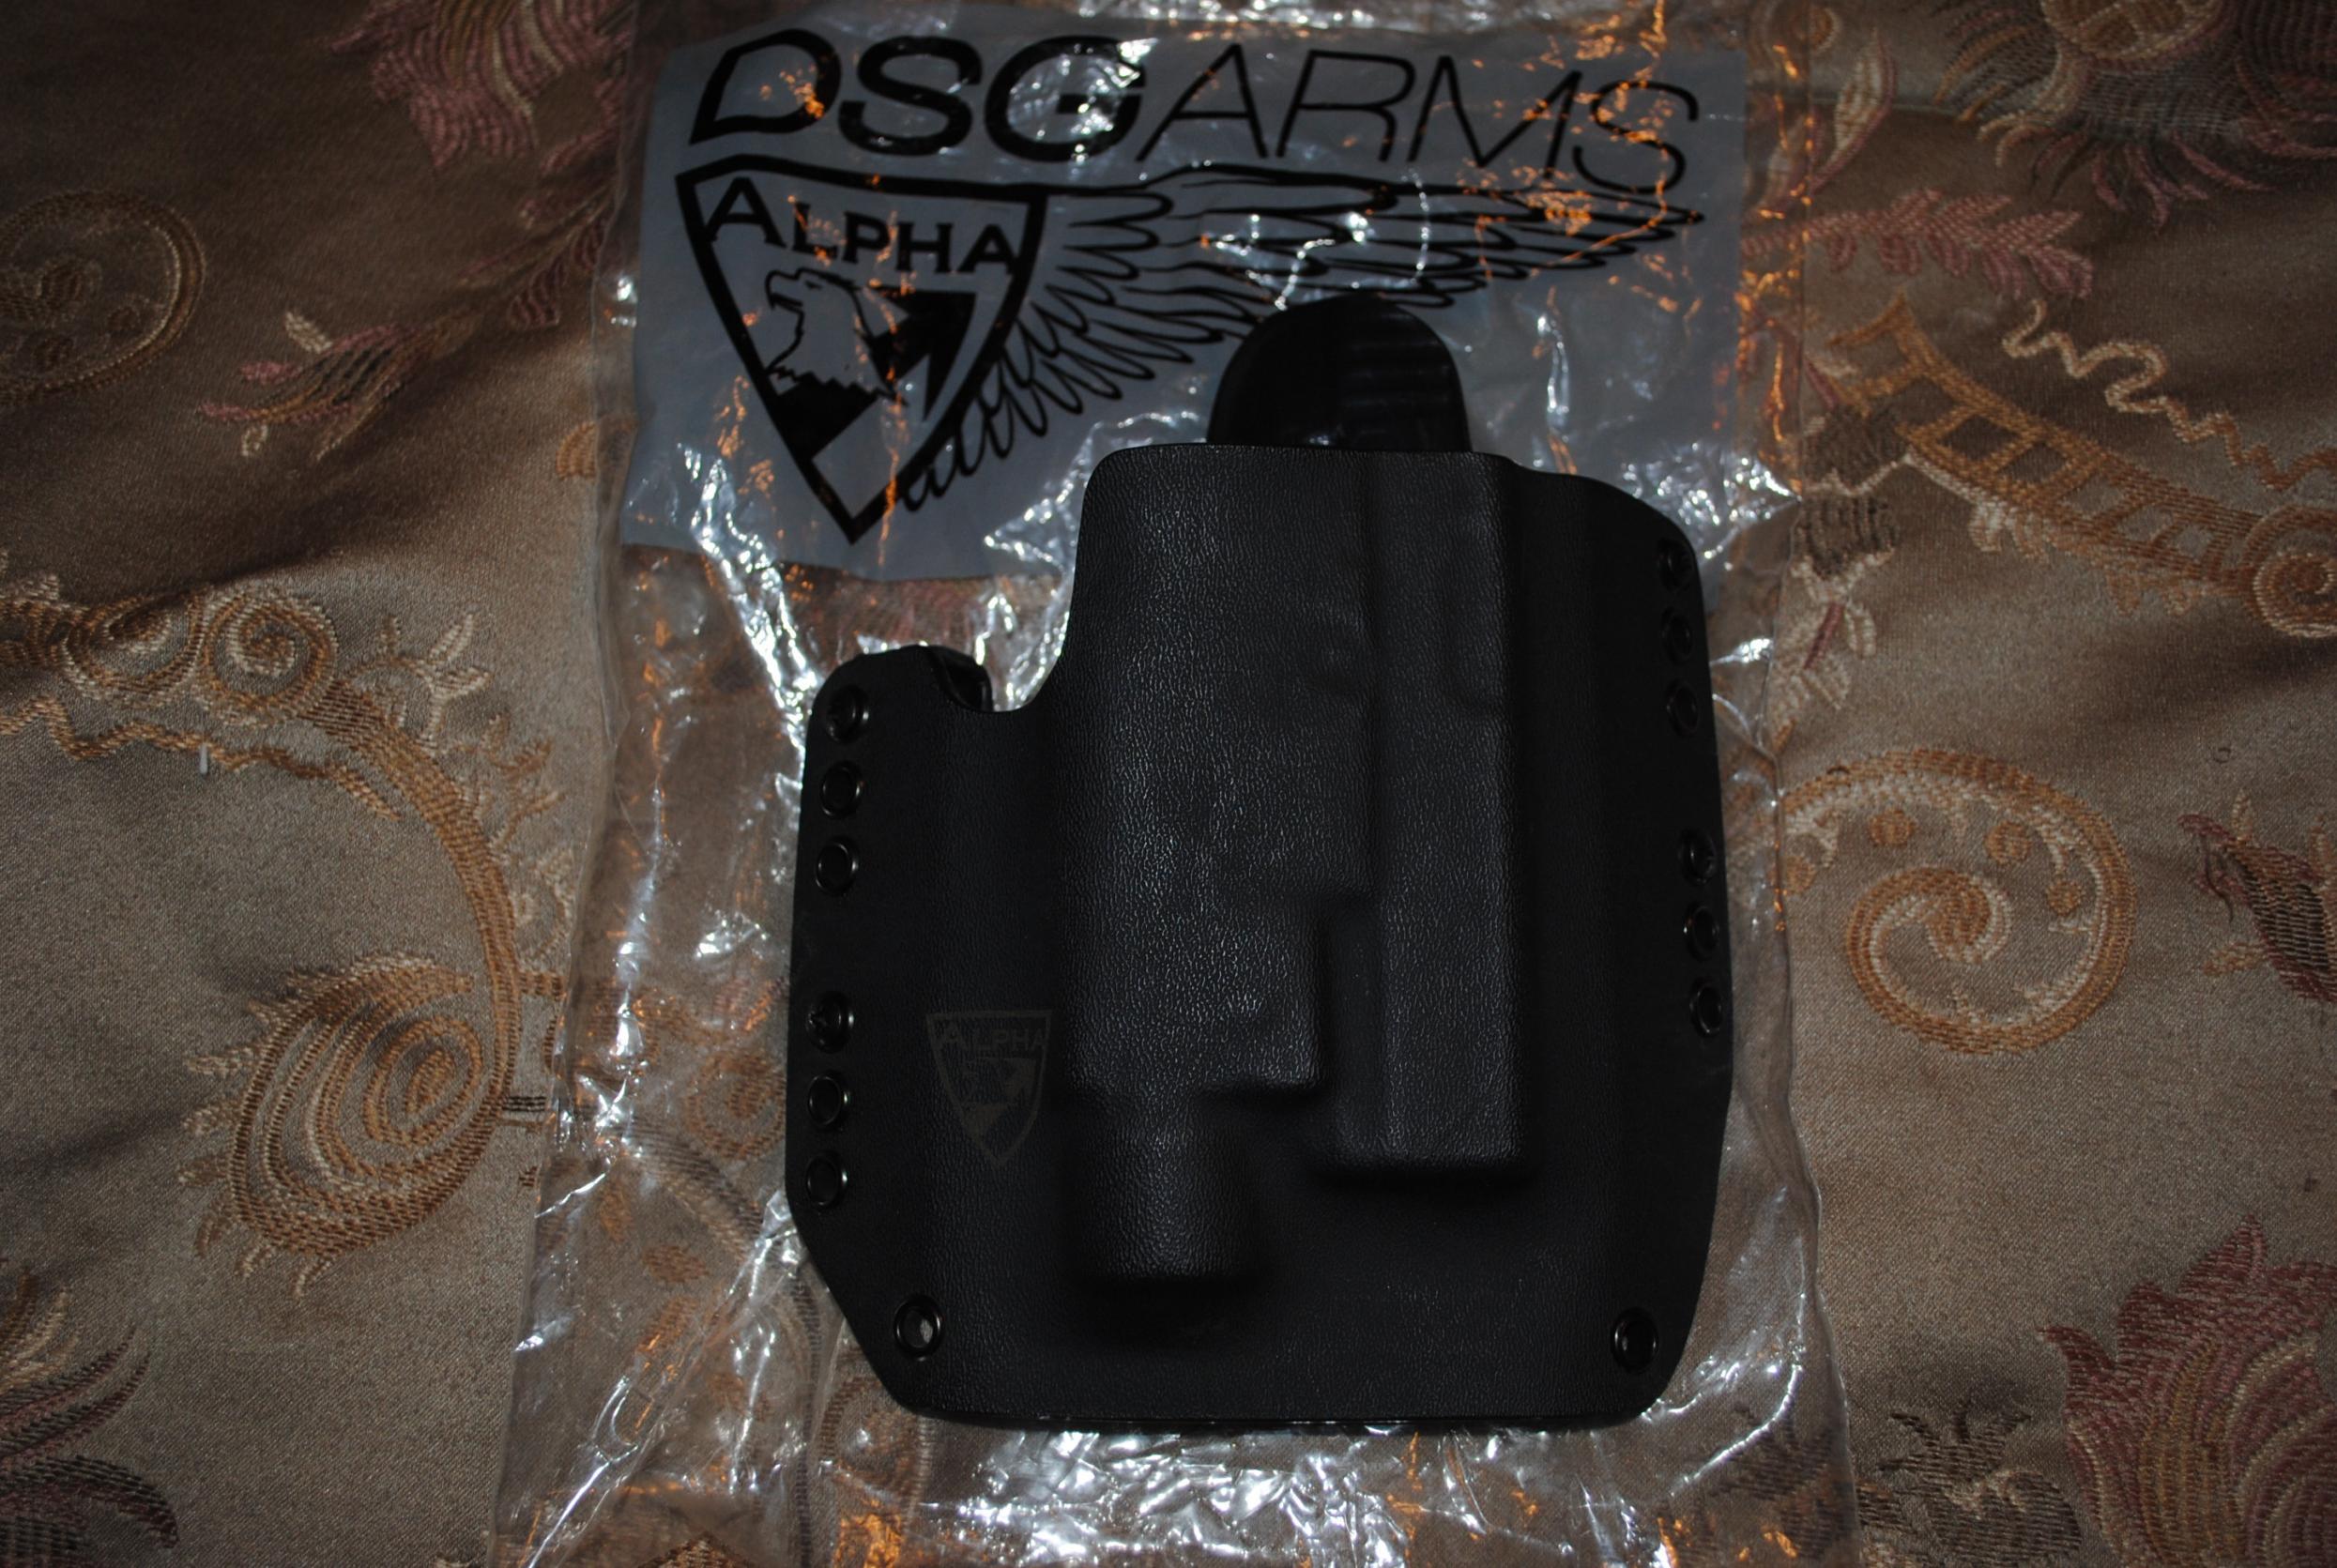 WTS: DGS Glock 19,23 holster and Sreamlight TLR3-dsg1.jpg